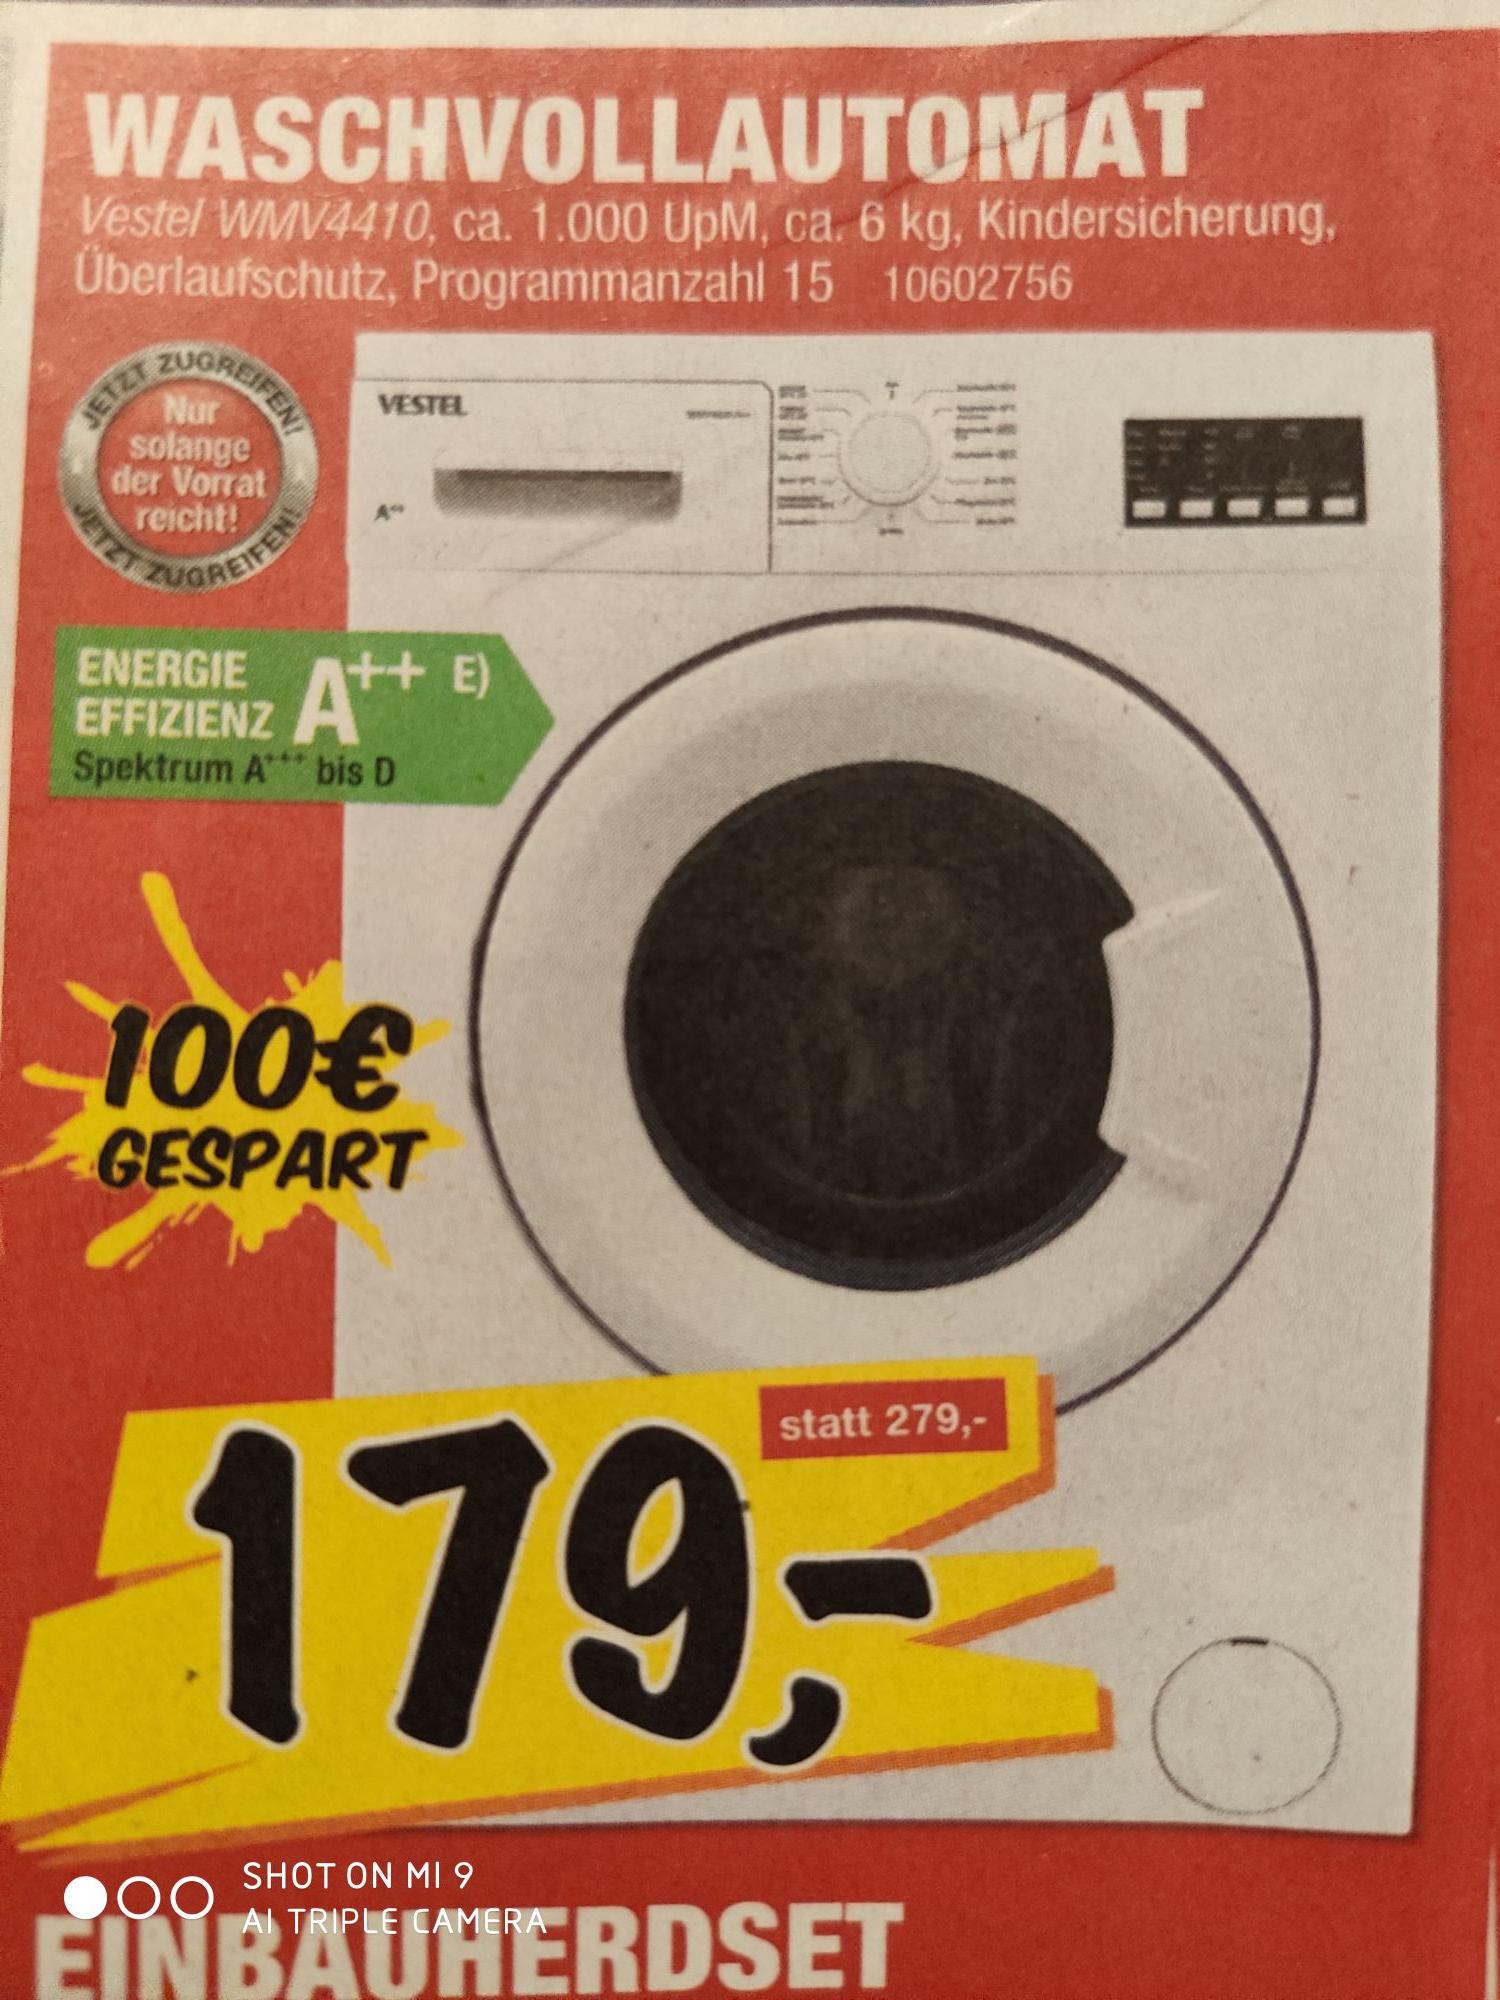 Vestel Waschvollautomat WMV4410 [Sconto]